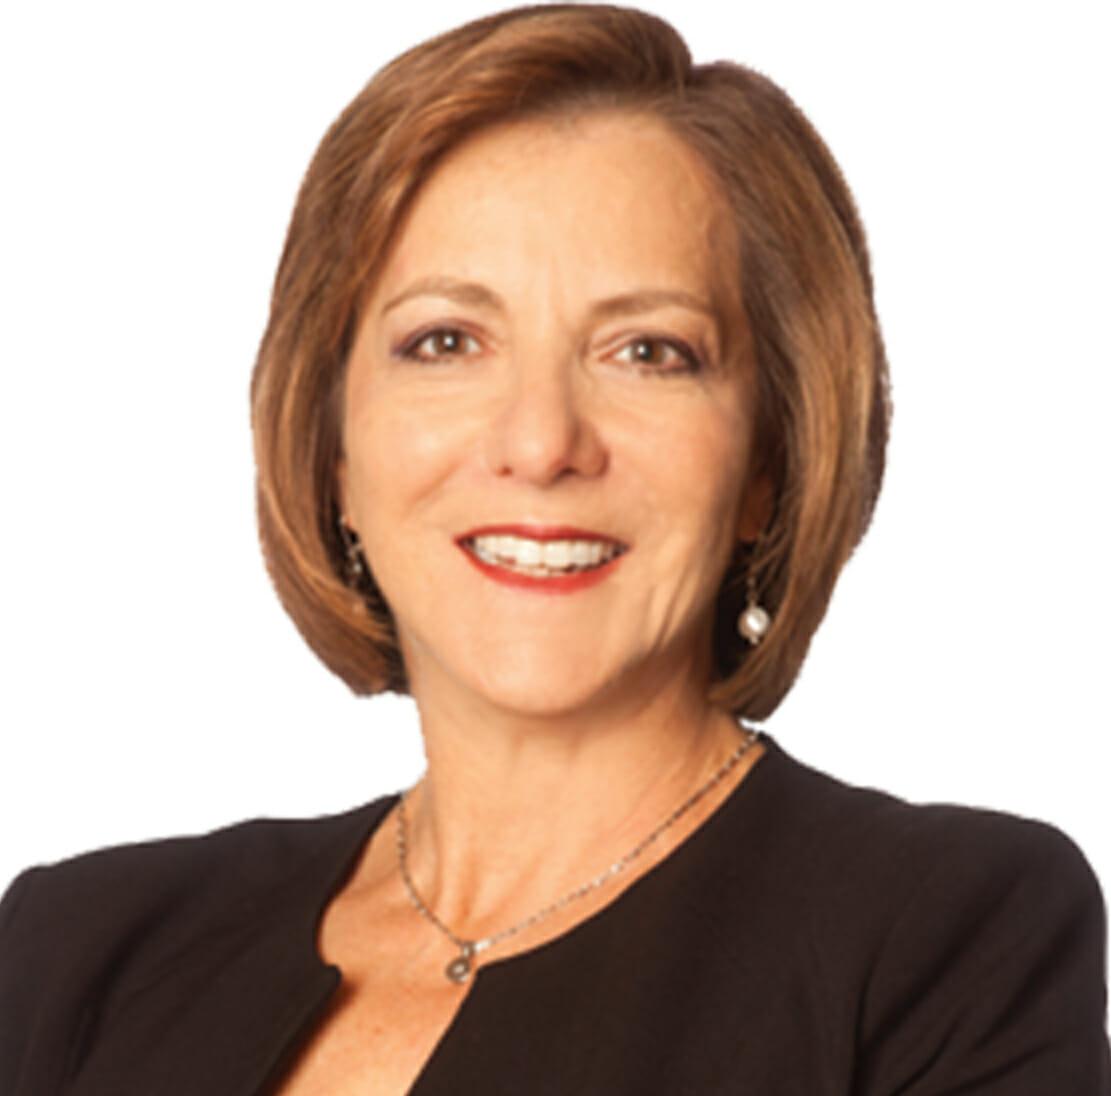 Alina Duckham